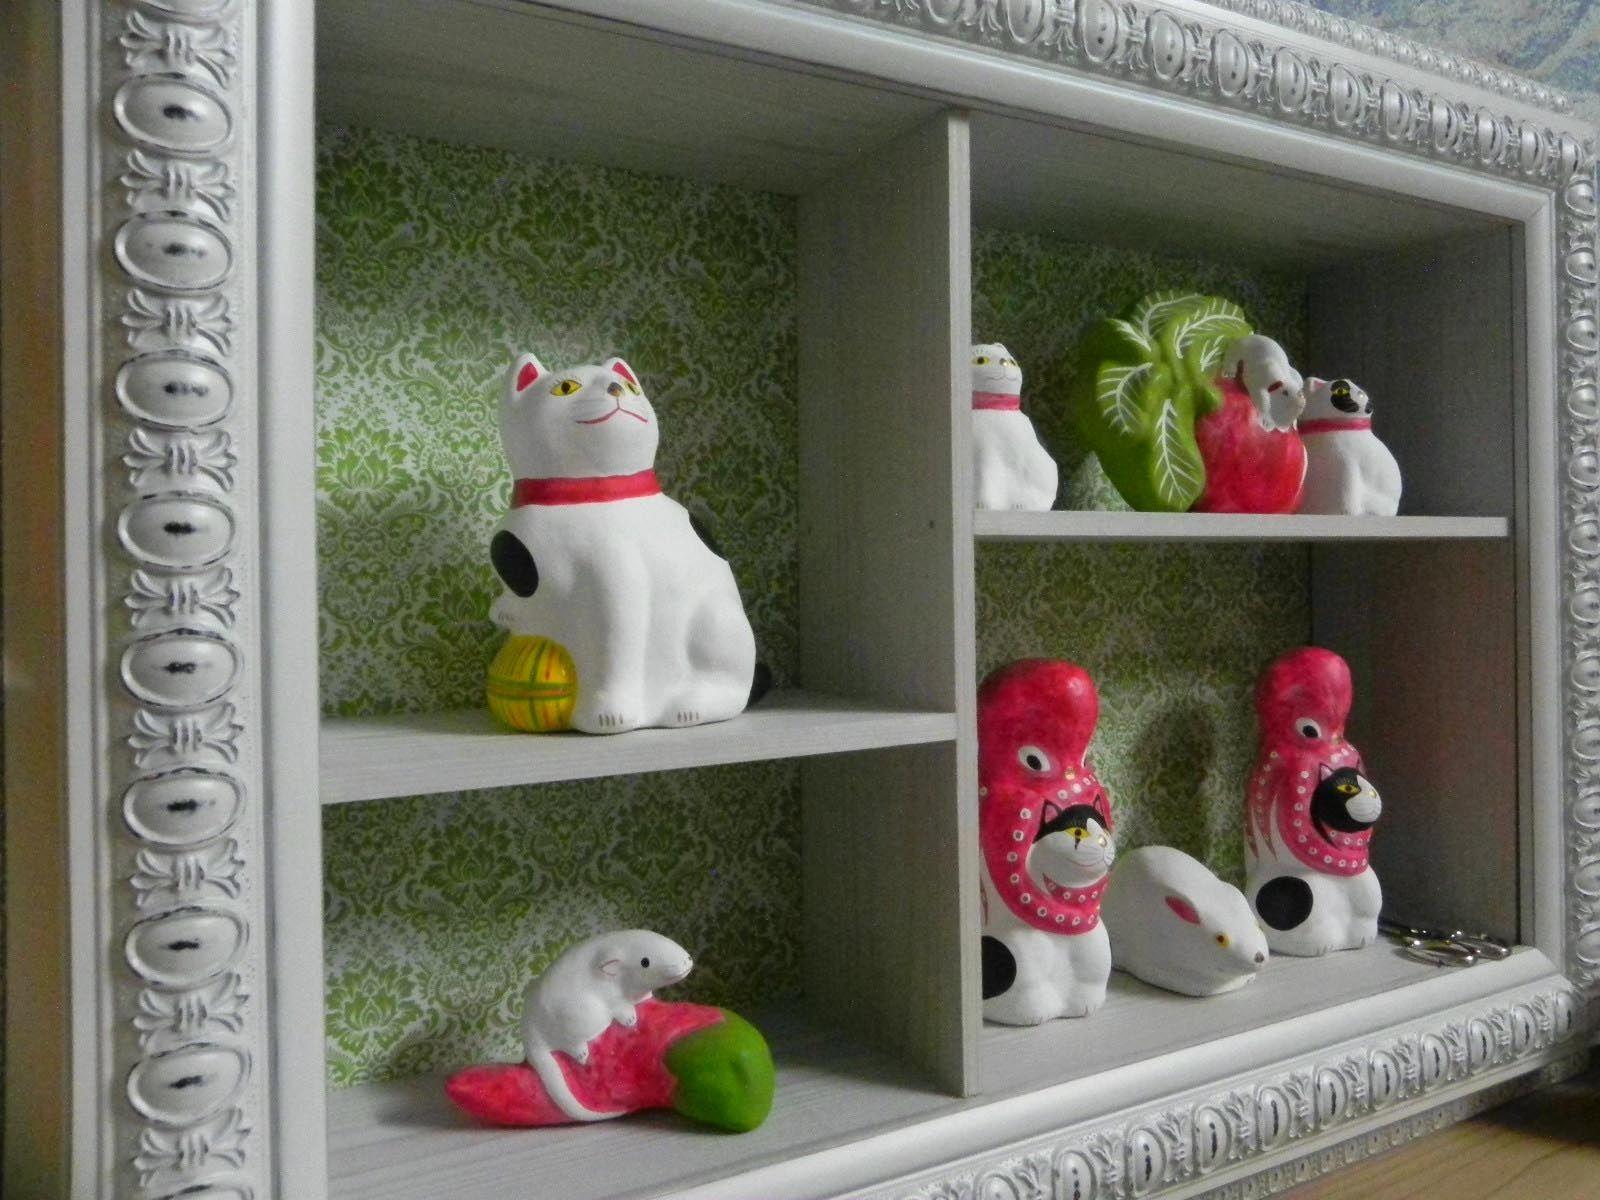 郷土玩具 蛸と猫 山形県米沢市に江戸時代から200年以上続く伝統の土人形 相良人形 招き猫 猫 米沢